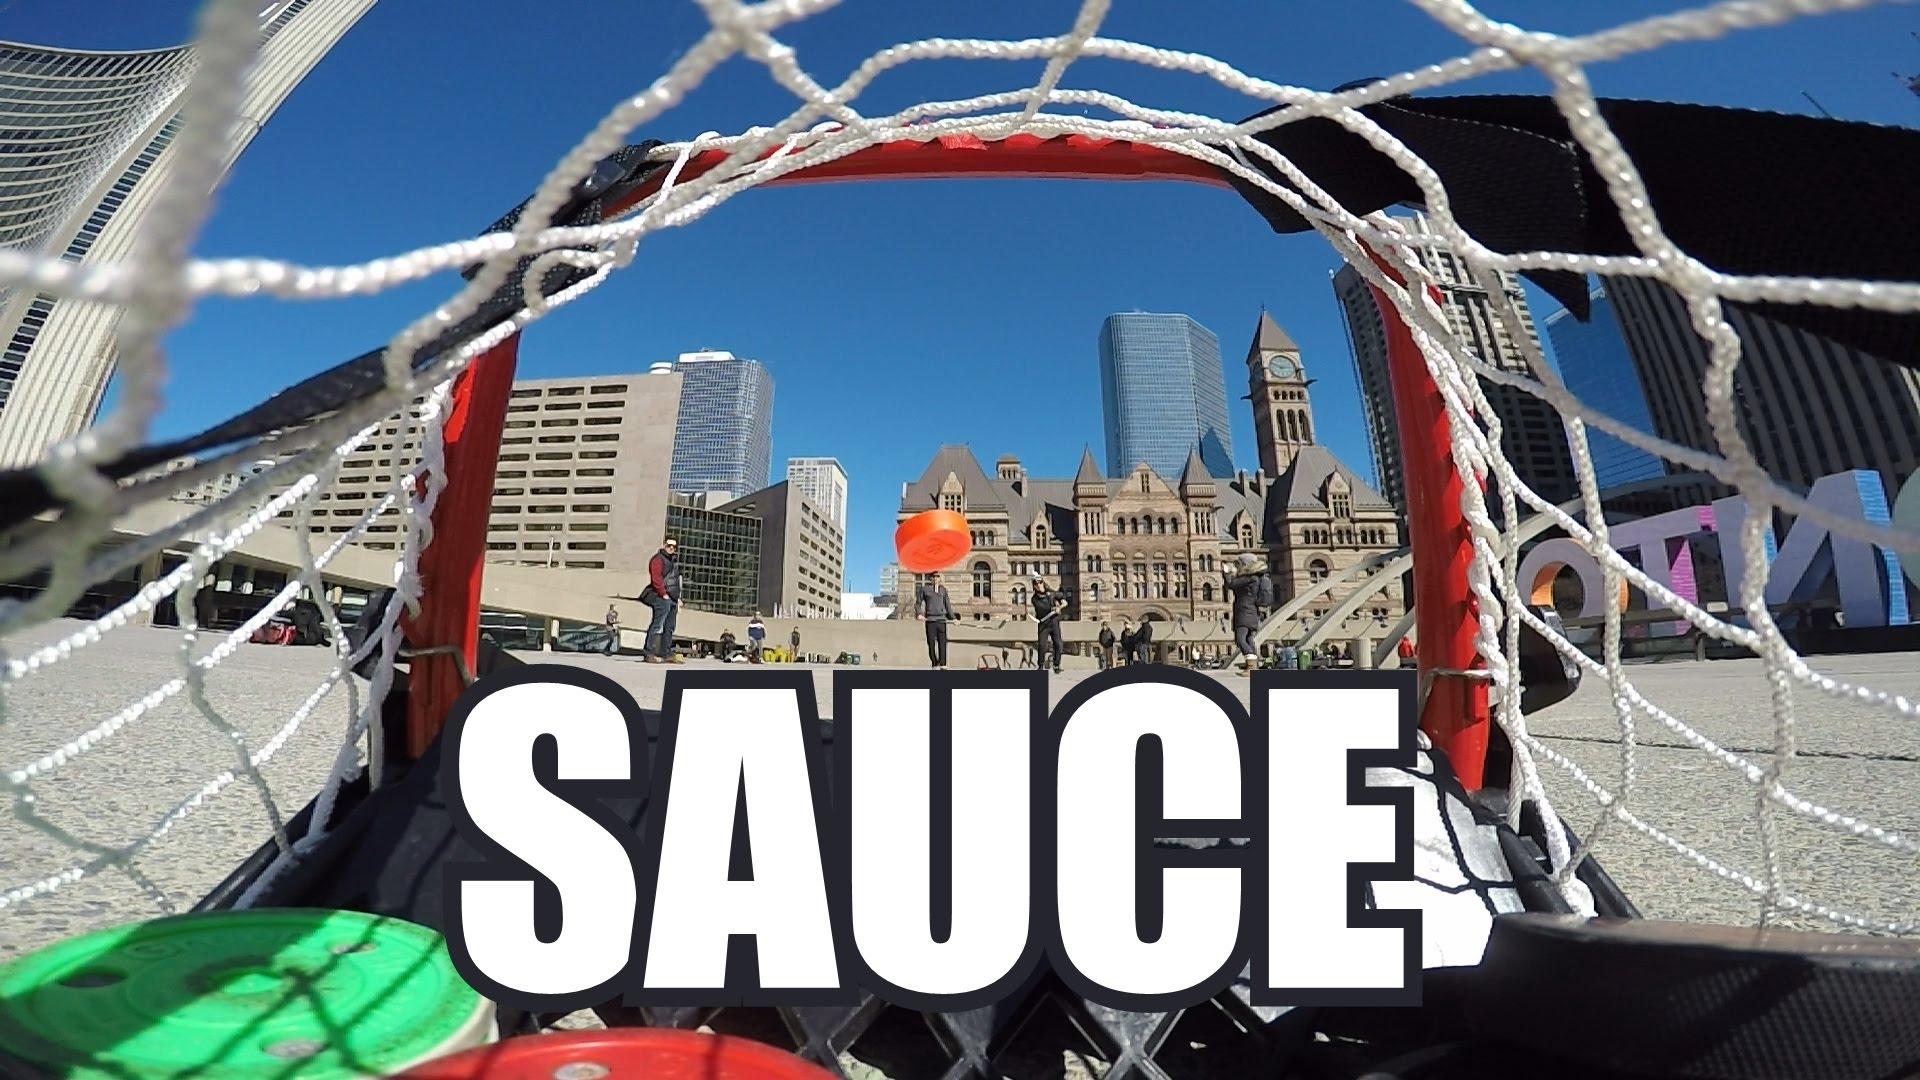 Stay Saucey Toronto